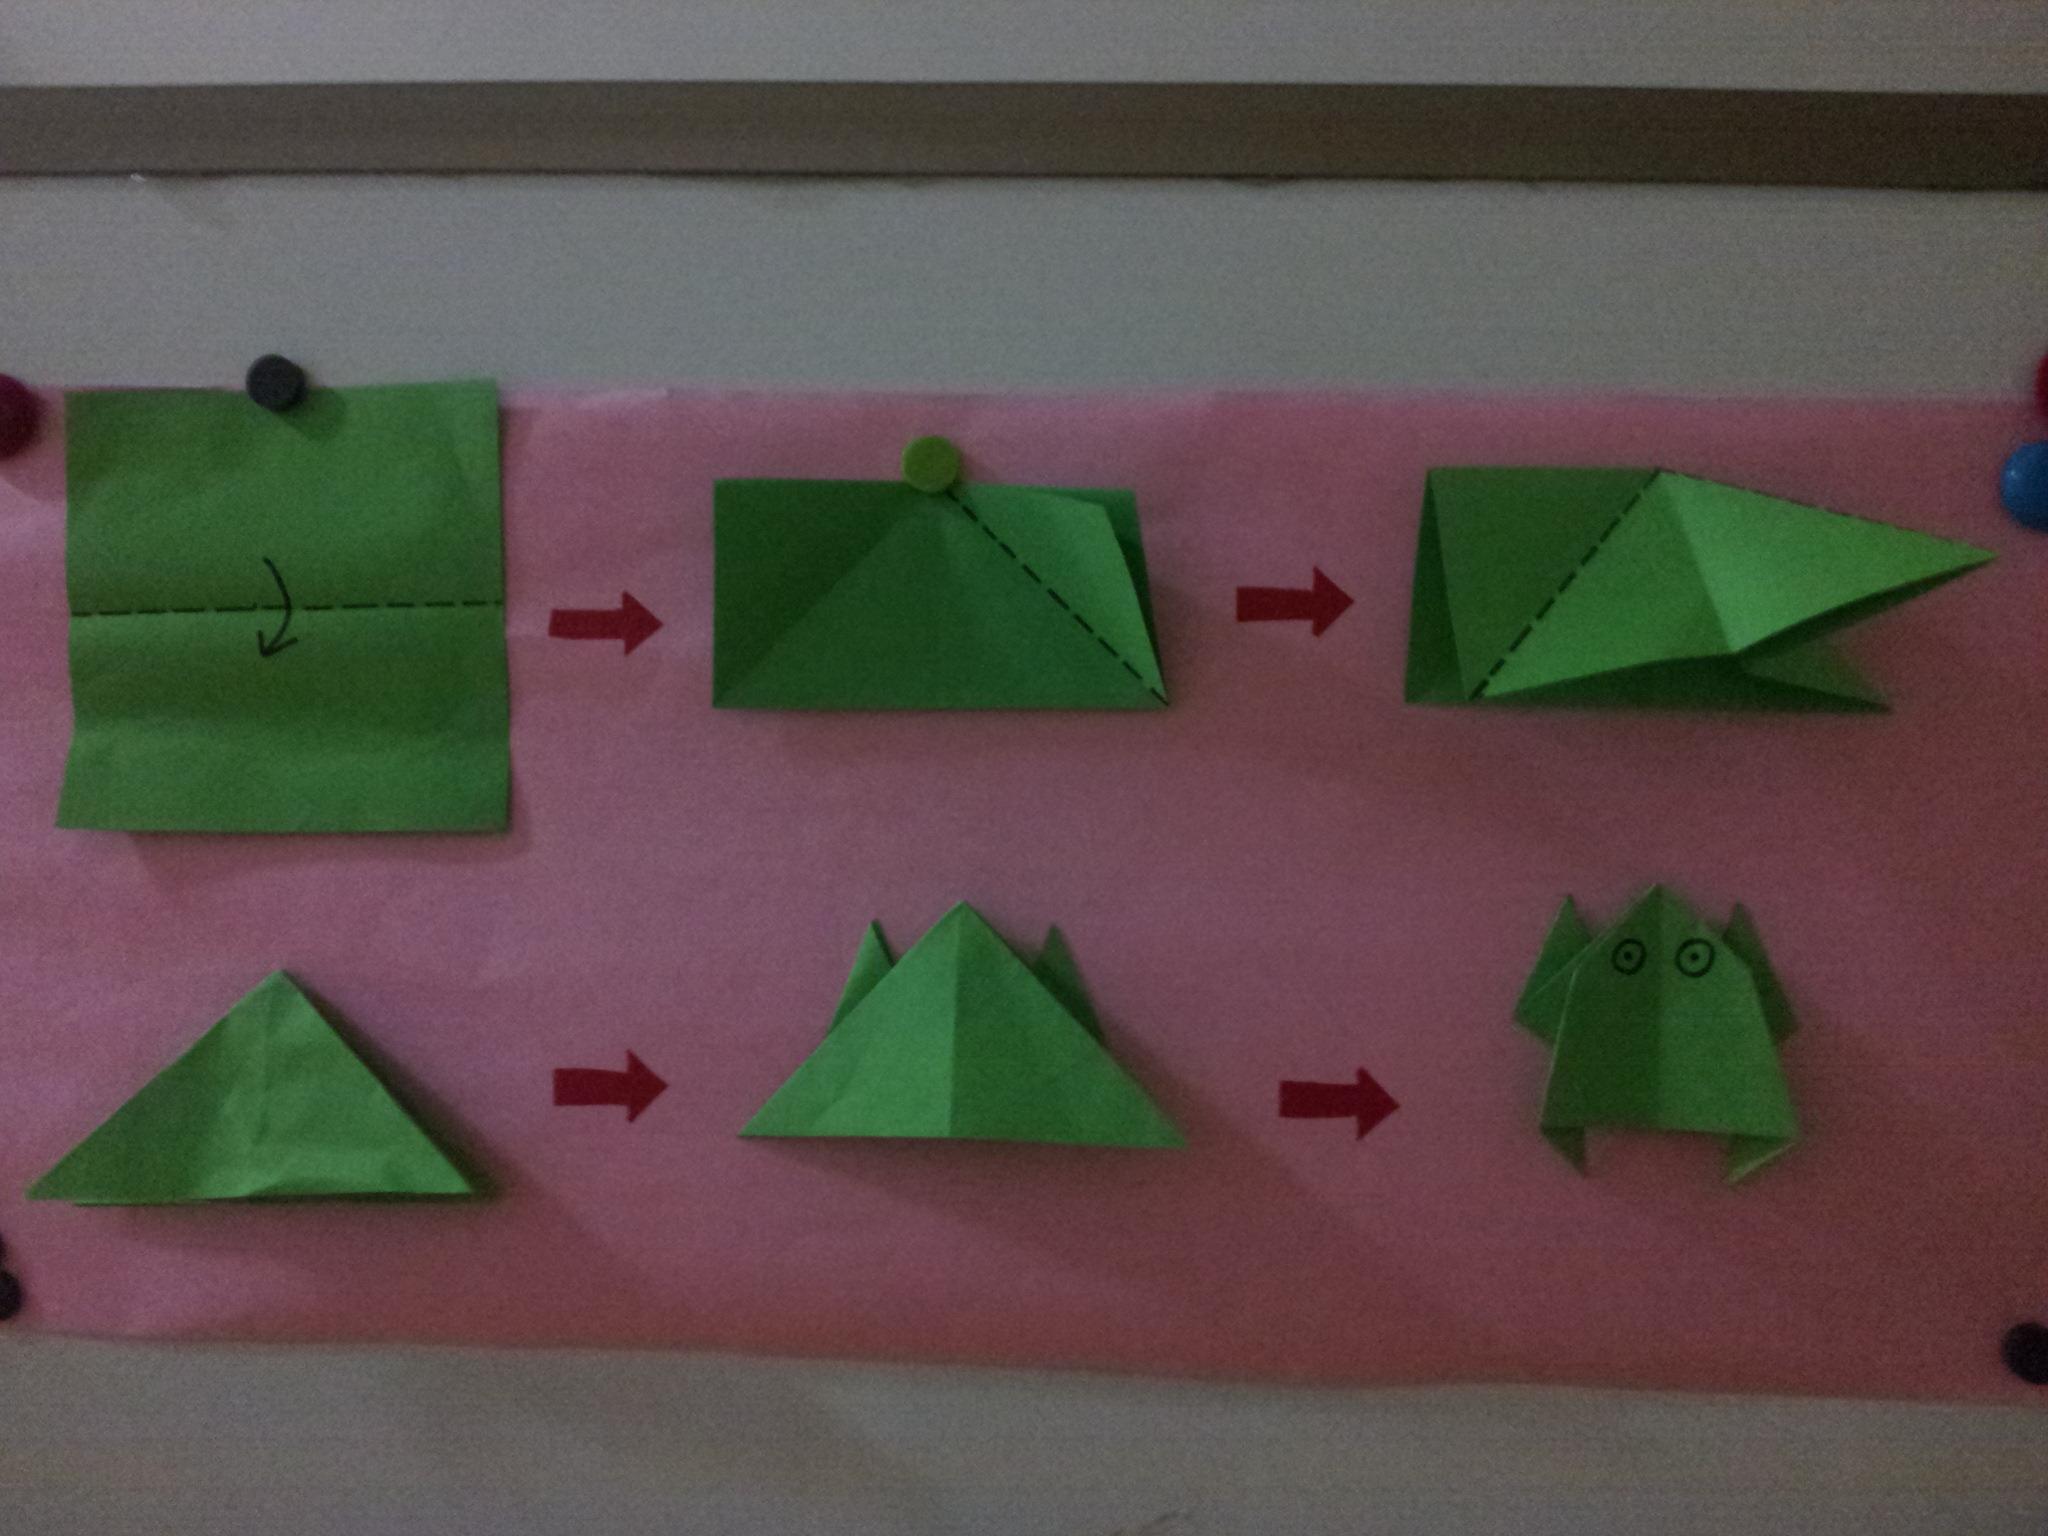 折青蛙; 各种折纸花步骤图解分享;